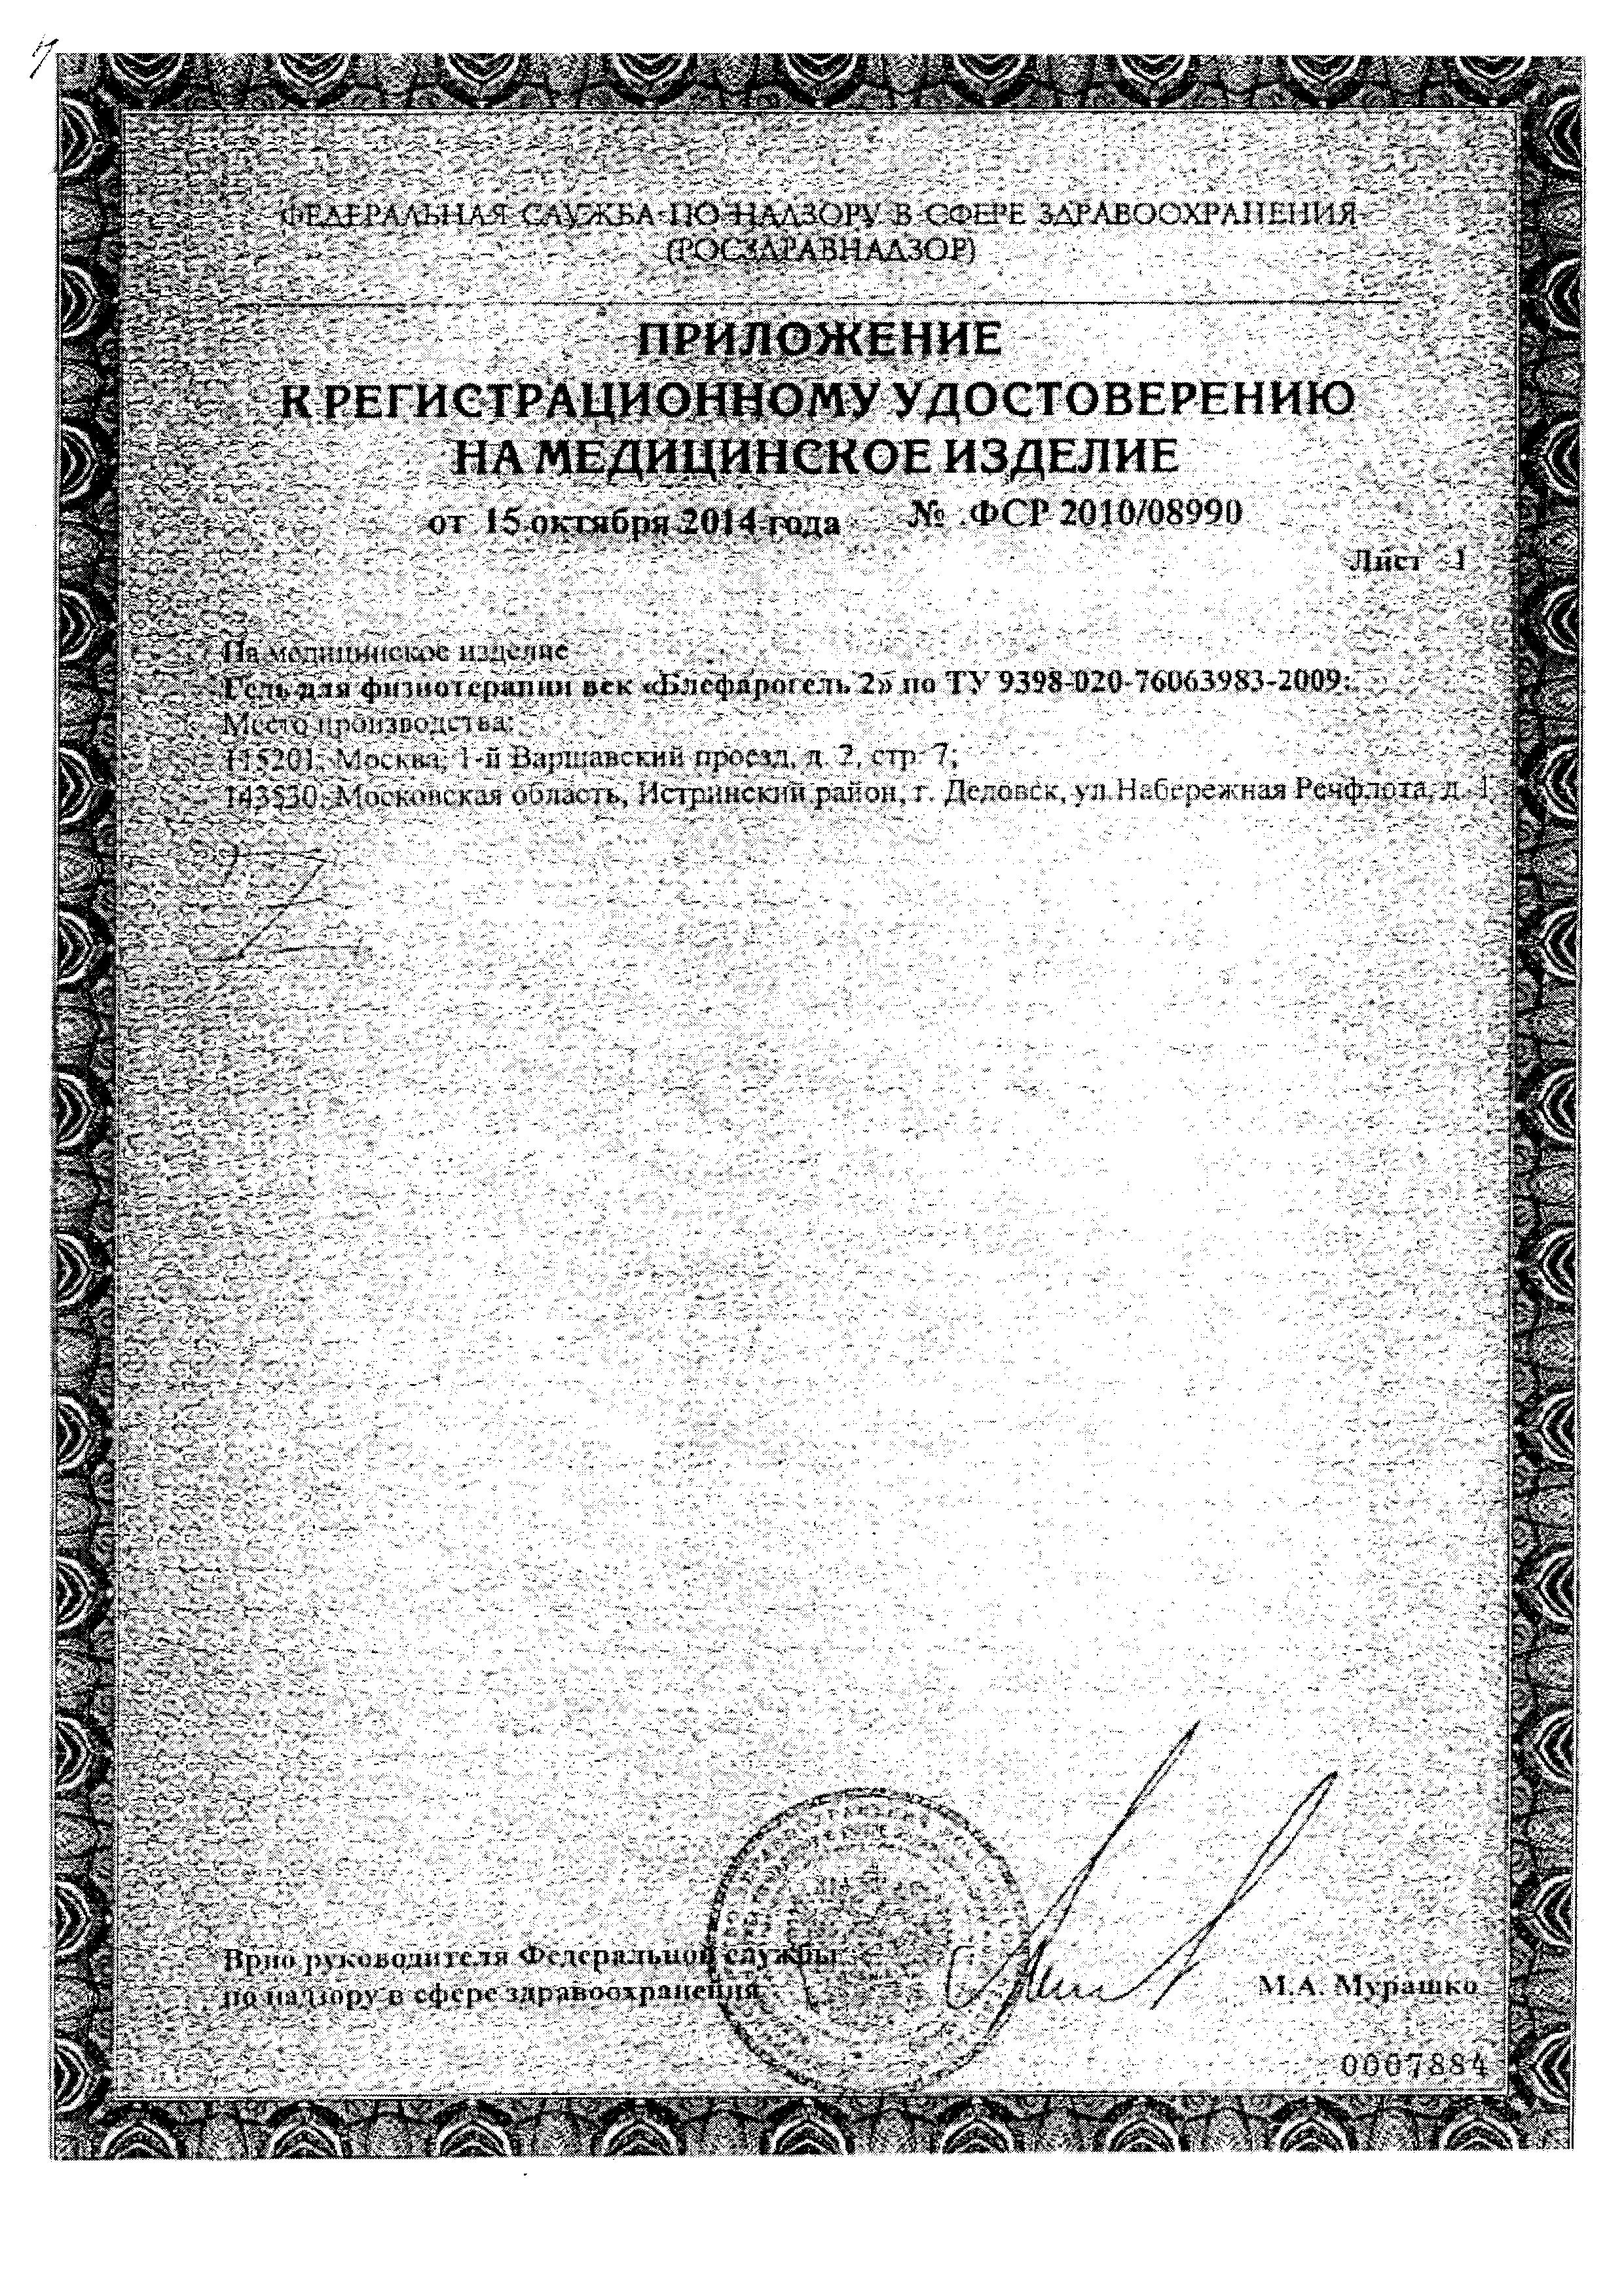 Блефарогель 2 гель для физиотерапии век сертификат